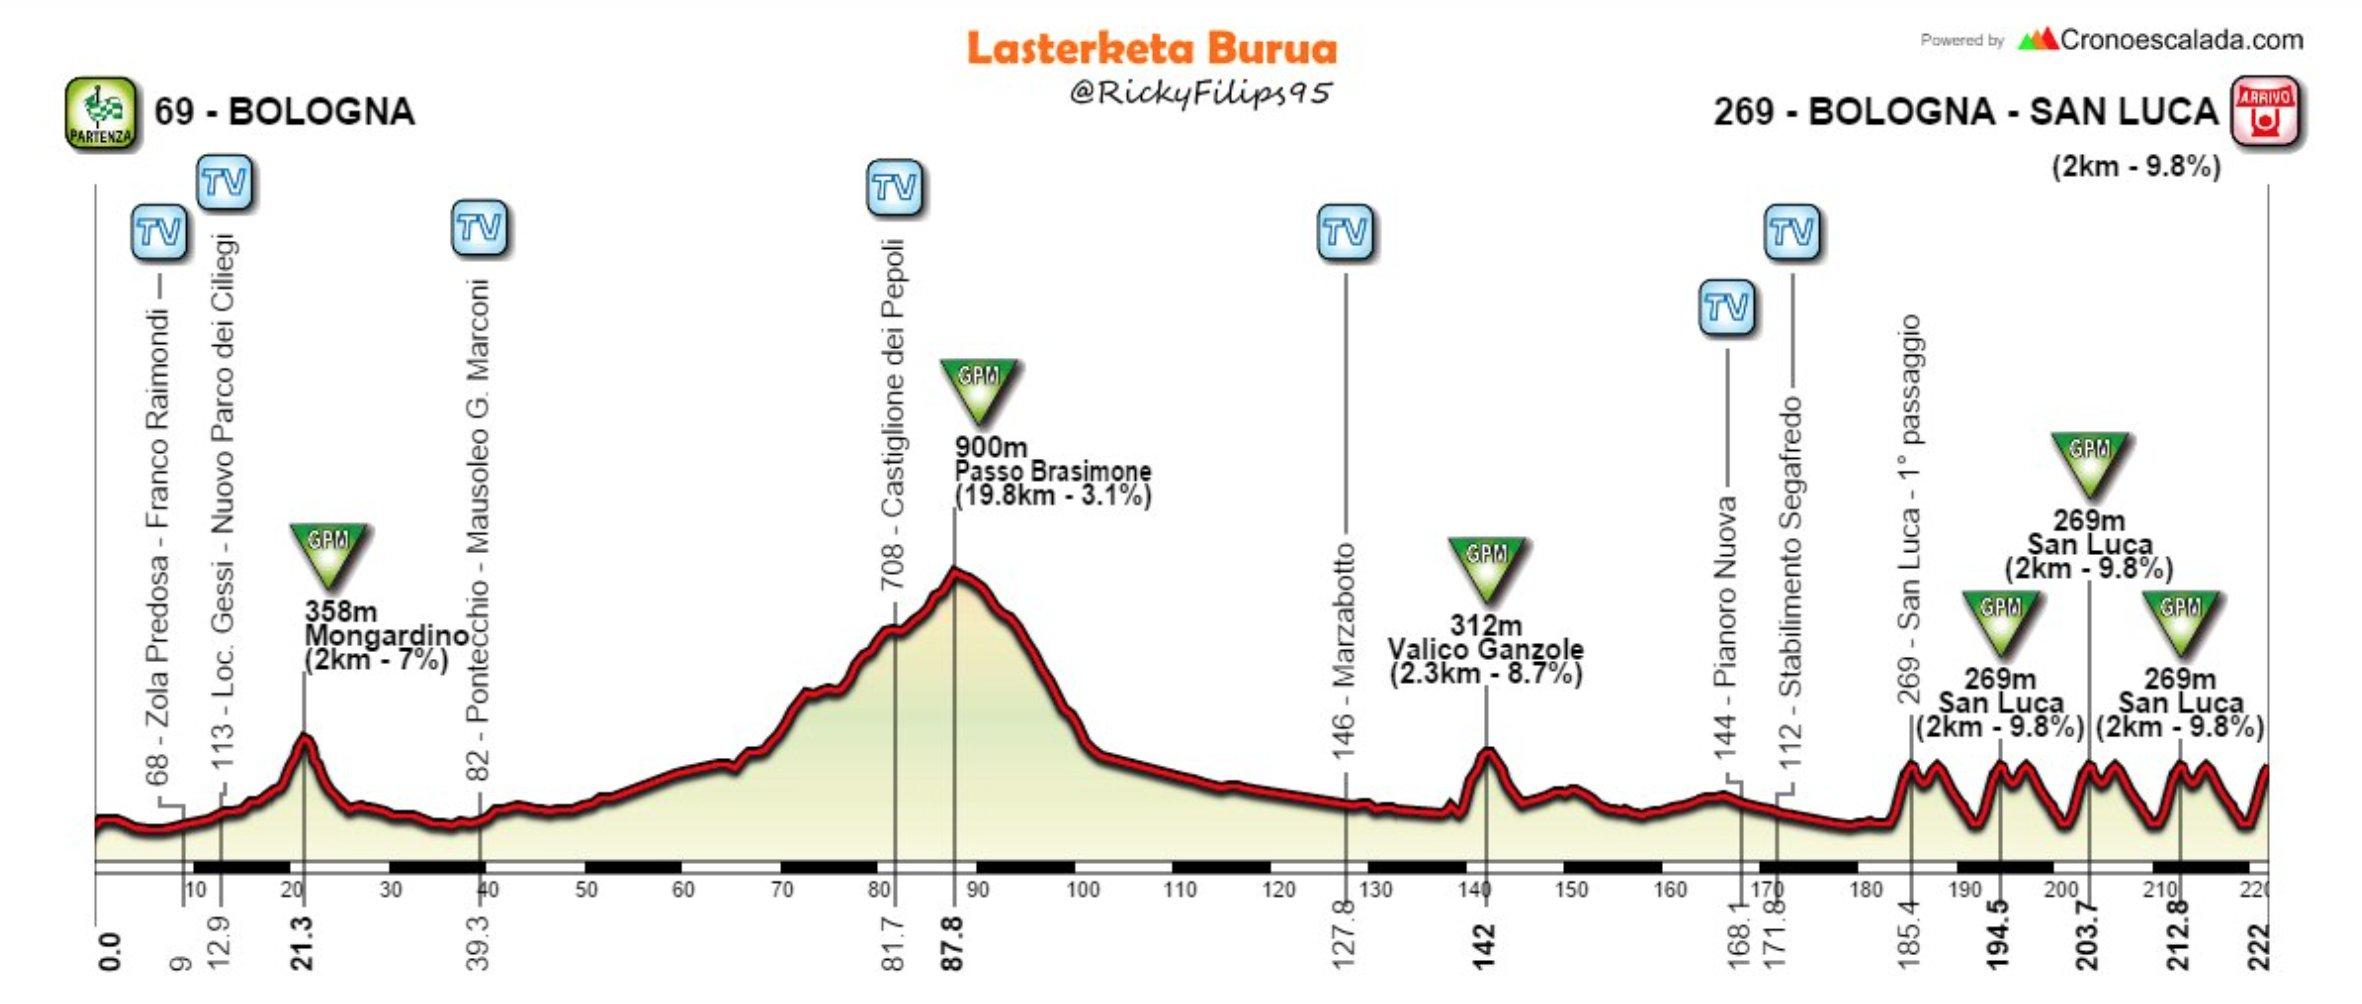 https://i1.wp.com/www.ciclismointernacional.com/wp-content/uploads/2017/09/Emilia-17.jpg